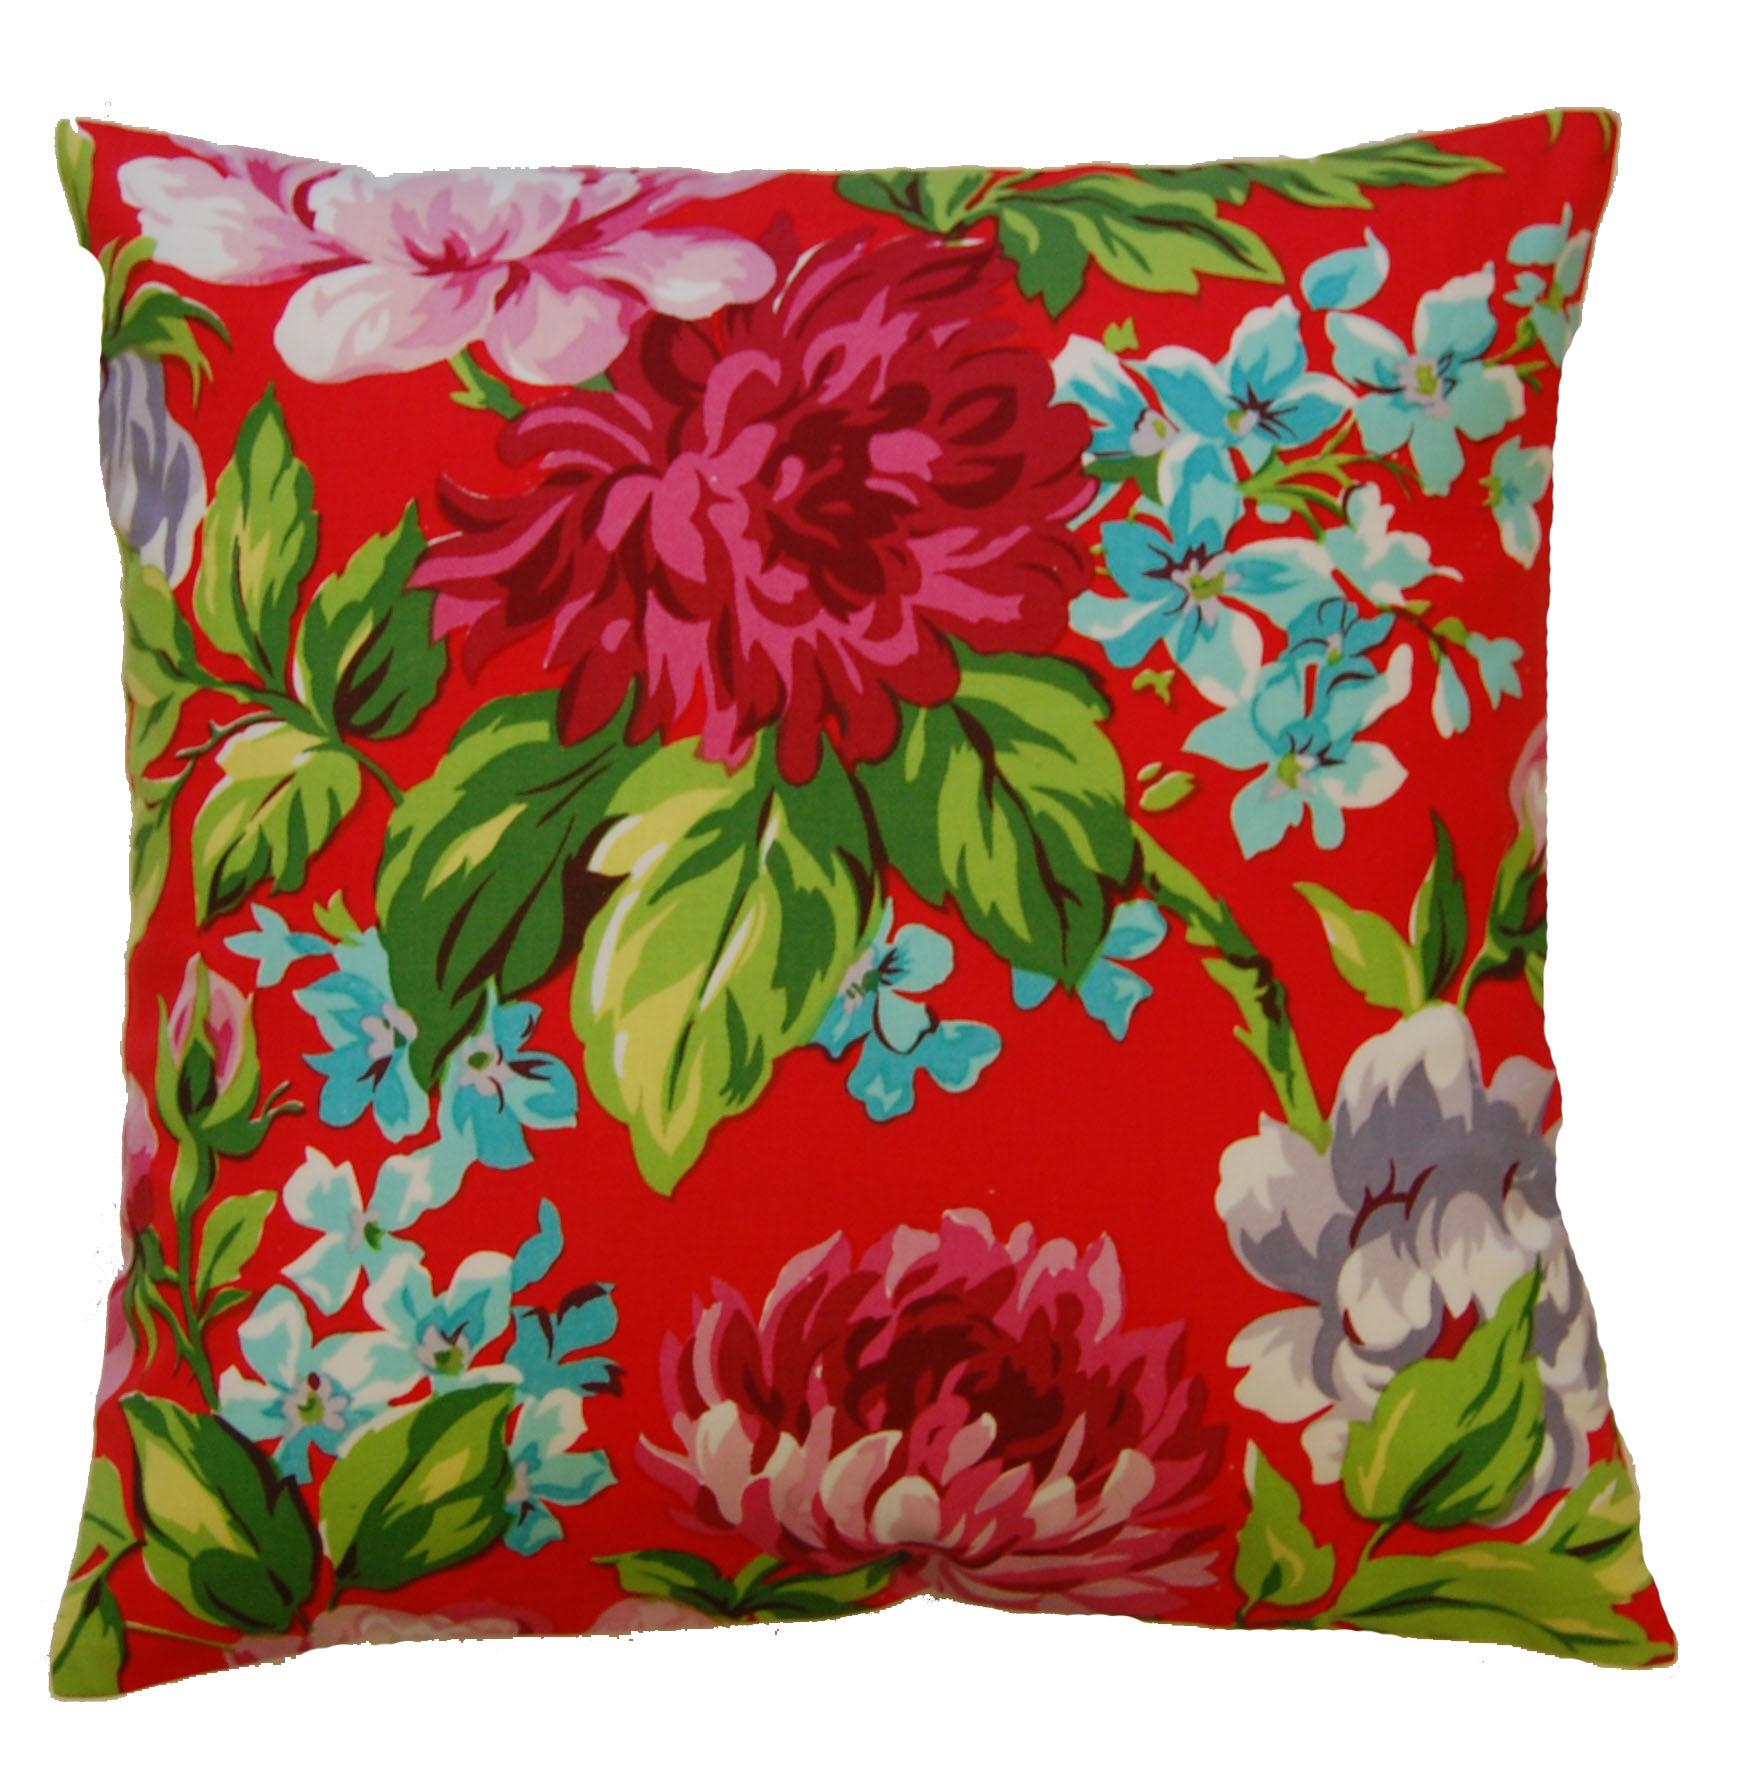 """Dahlia Flower Print Cushion Covers 18"""" x 18"""" Modern Floral ..."""